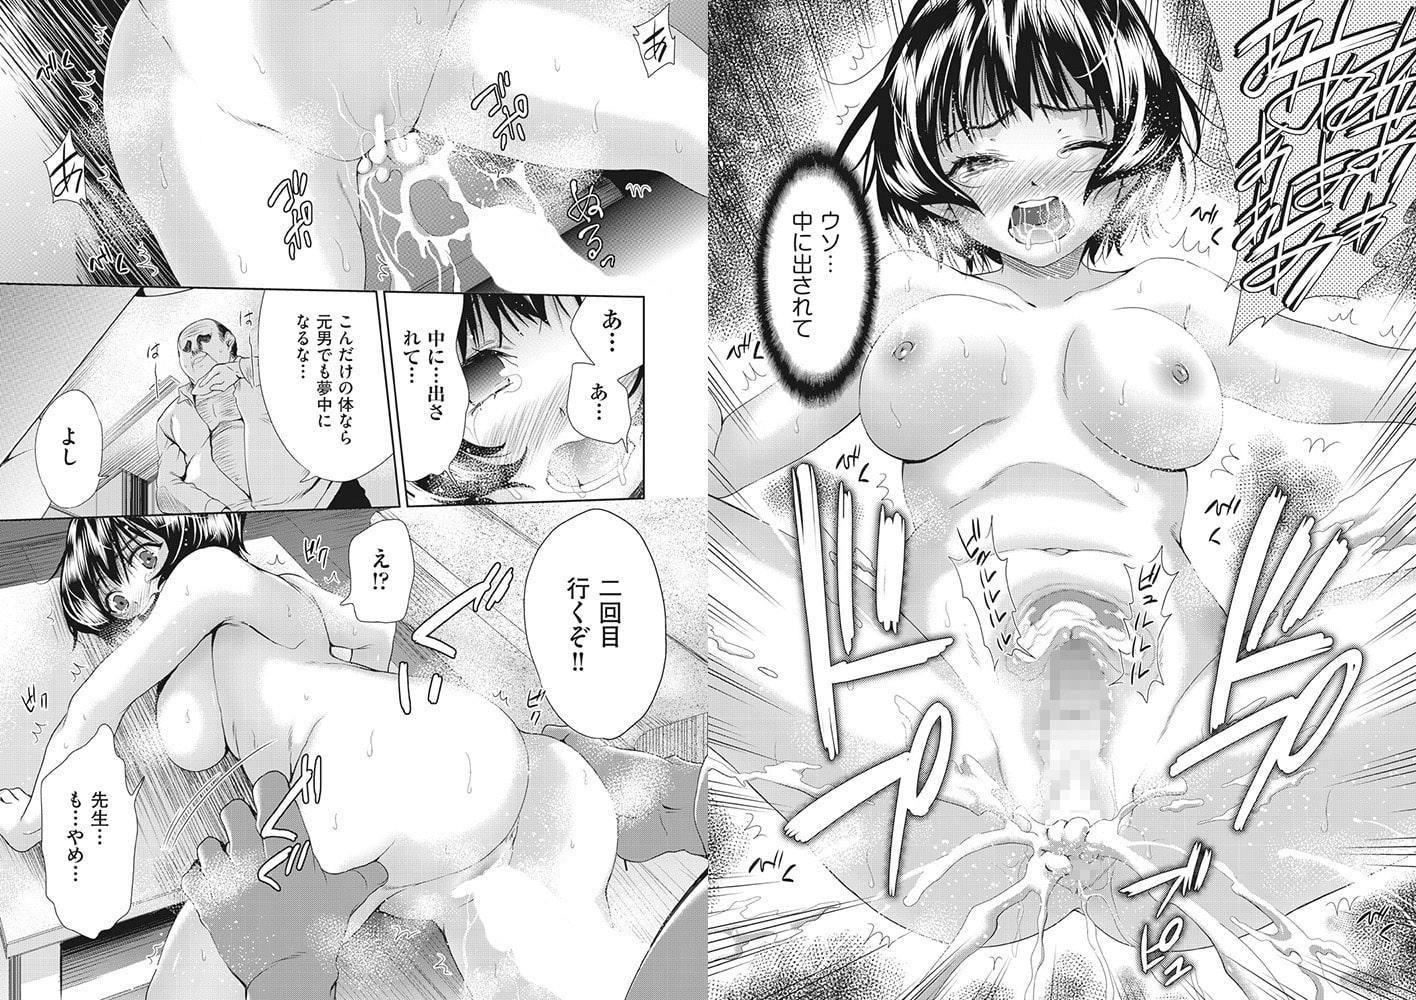 「COMIC阿吽」 10巻パック Vol.12 (2018年7月号~2019年4月号)